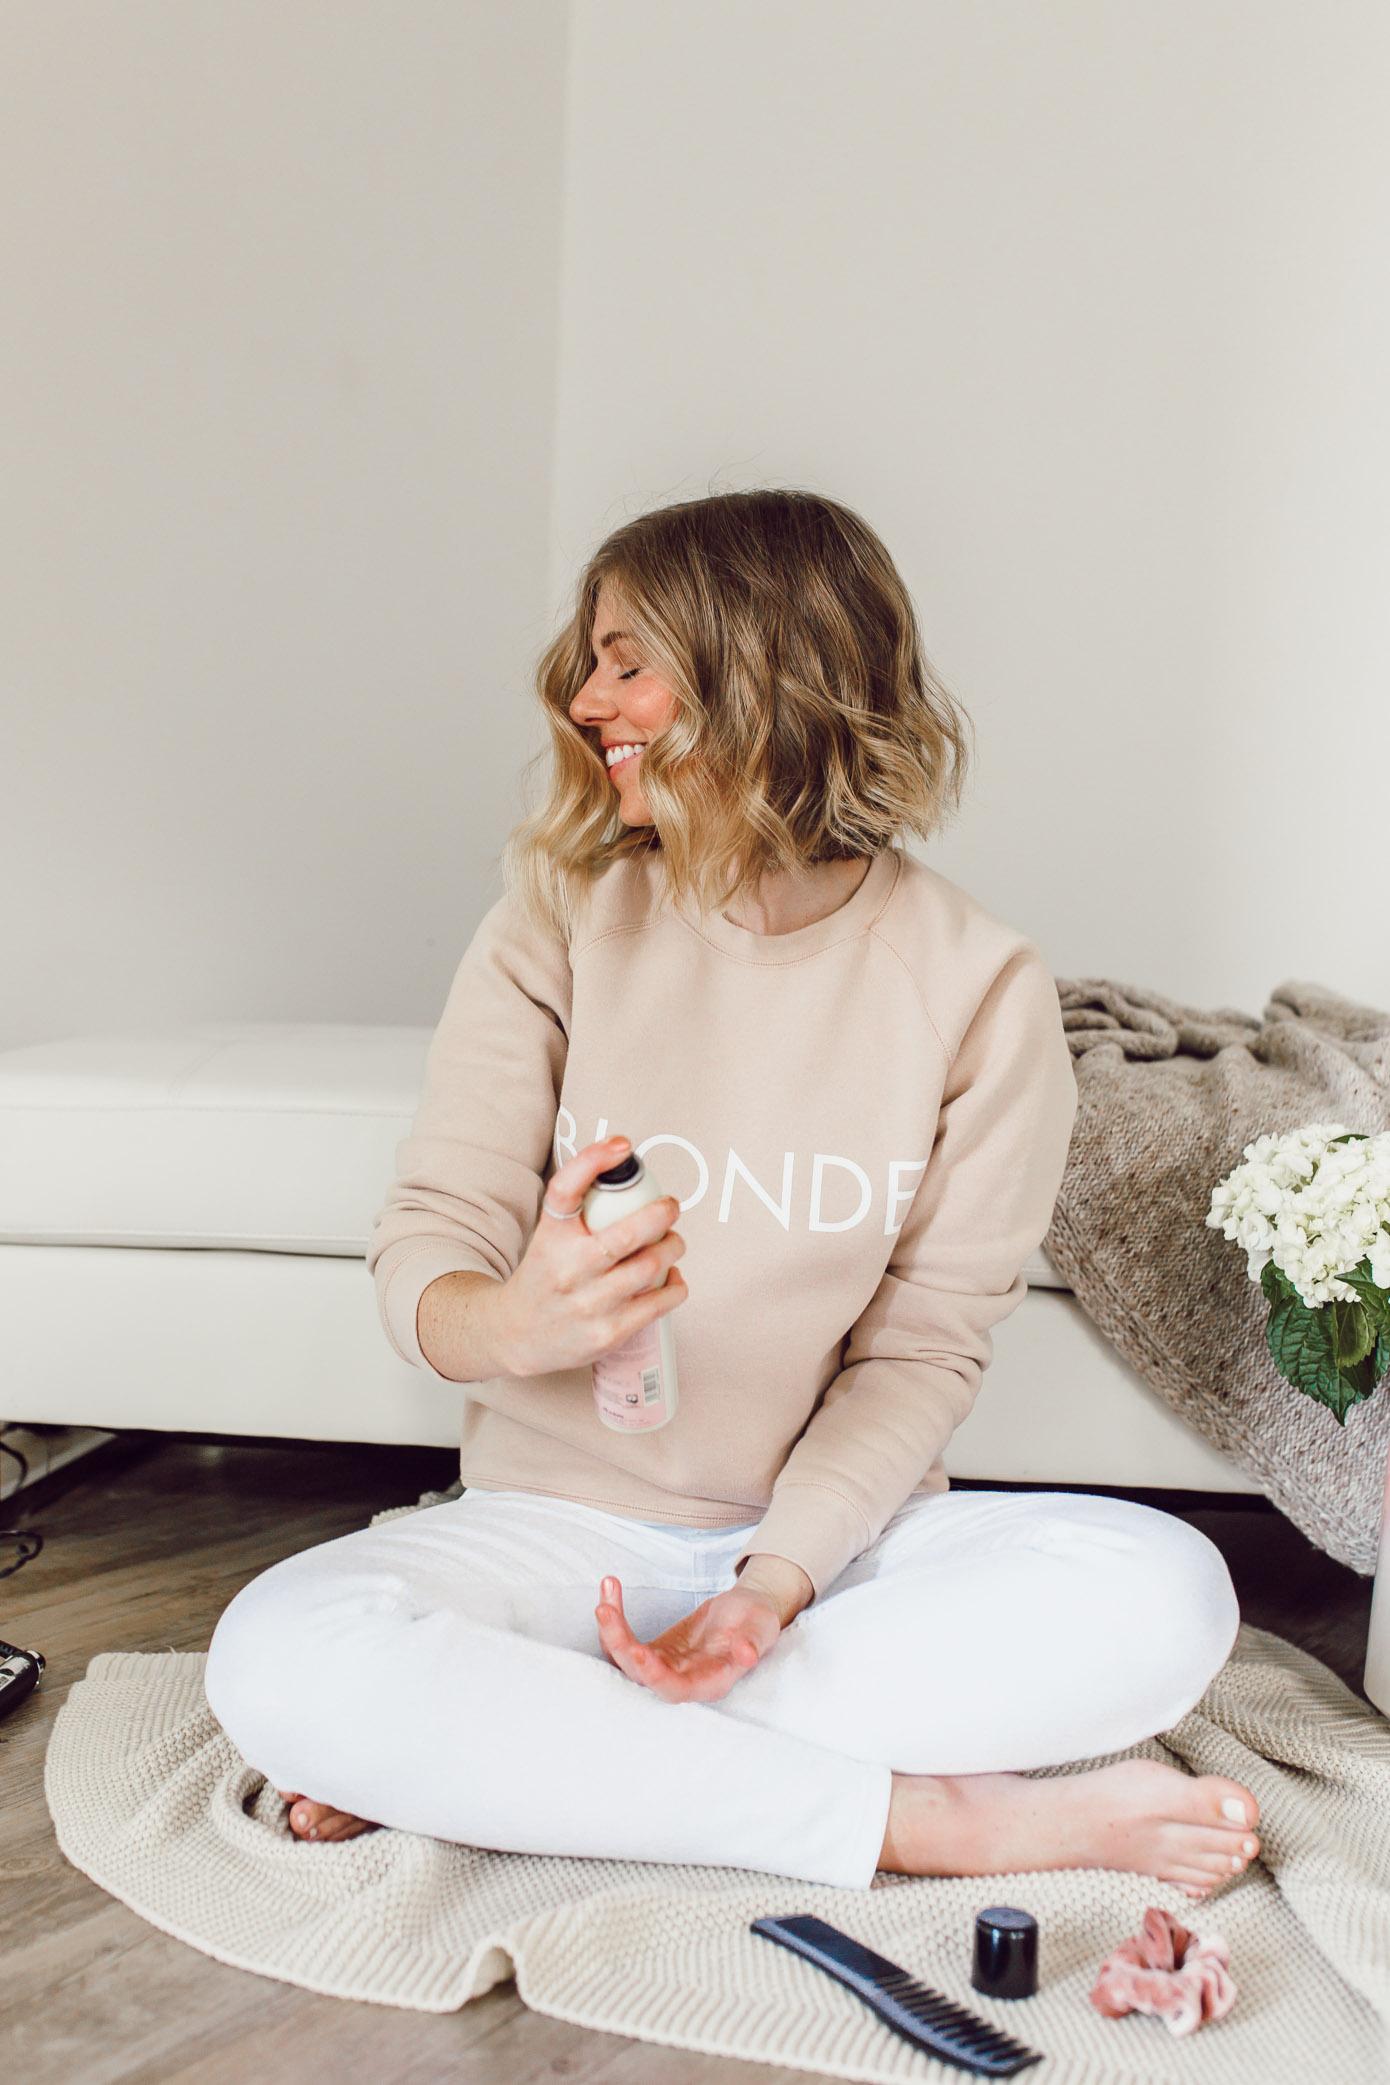 Short Hair Curling Wand Tutorial   Curled Lob Haircut   Louella Reese